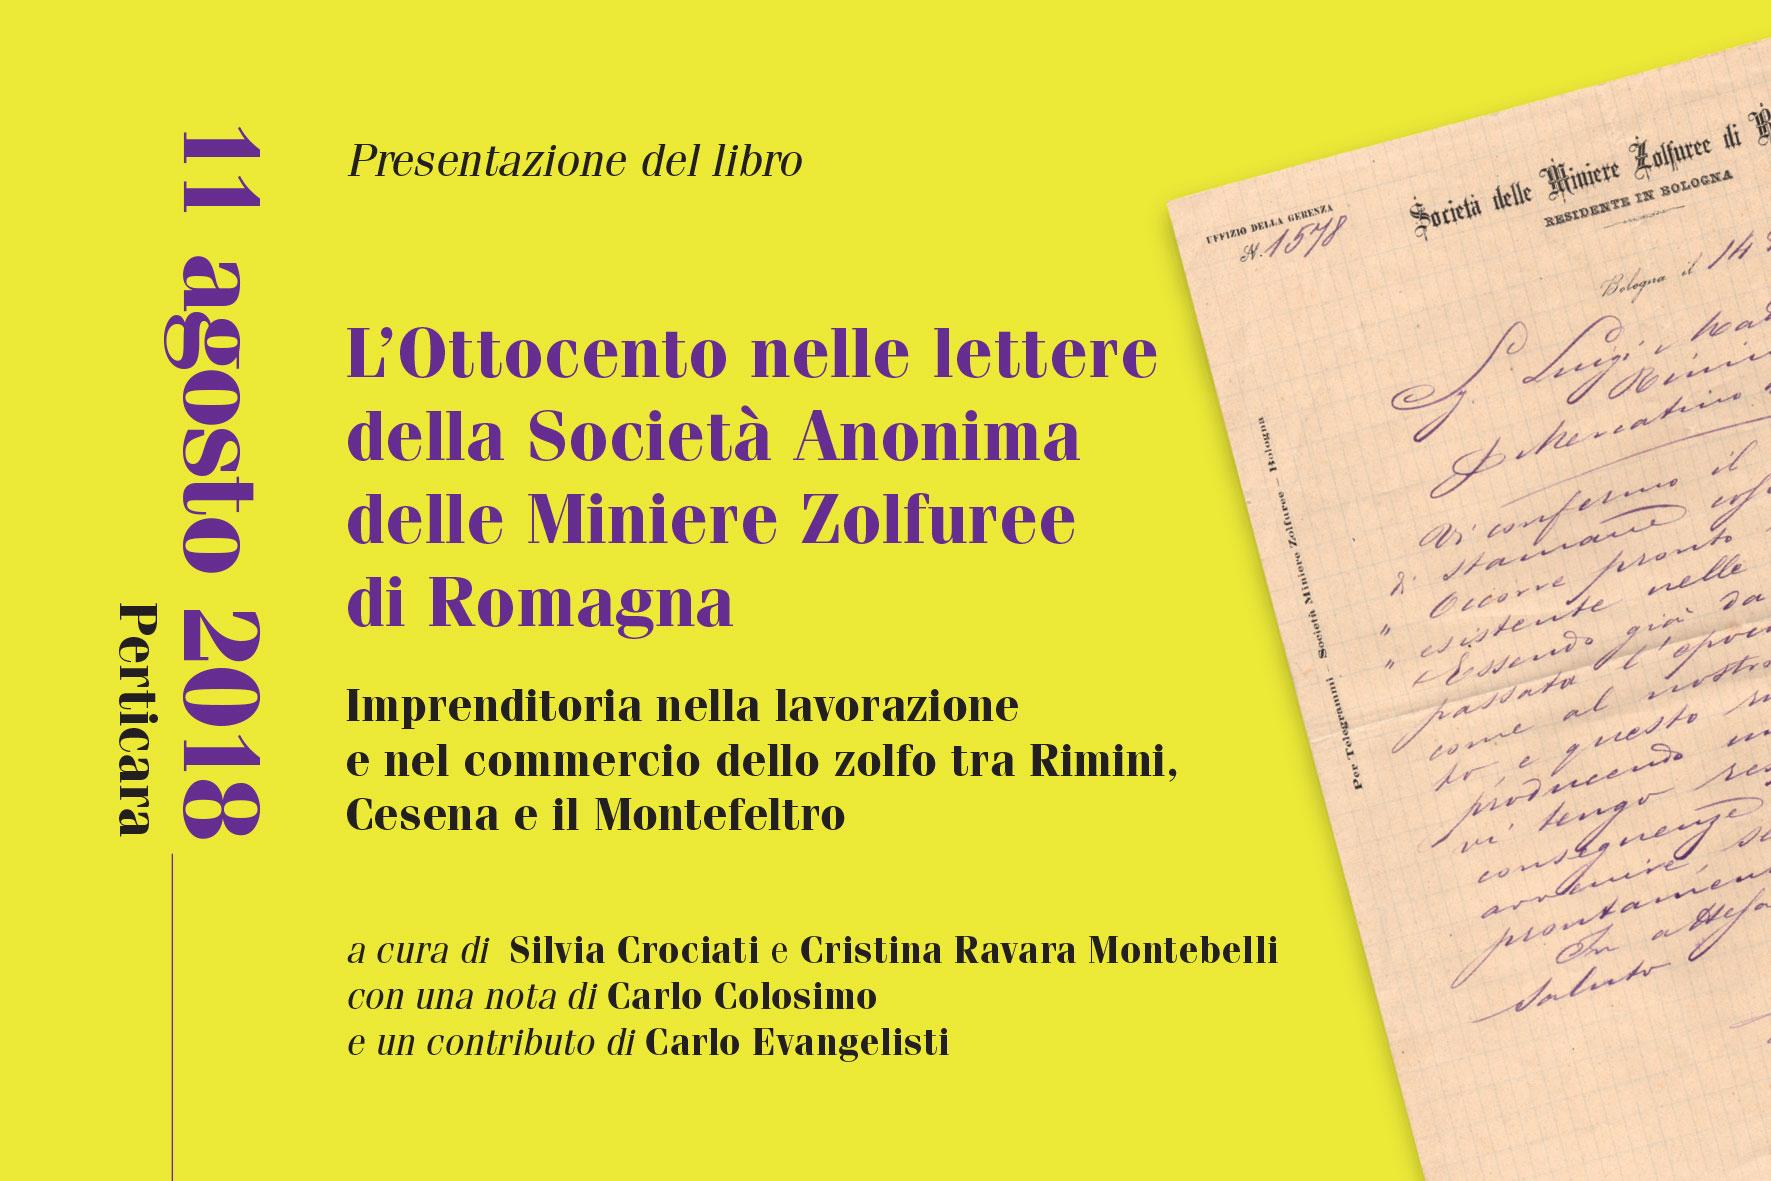 Presentazione libro miniere sulfuree Rimini, Cesena e il Montefeltro